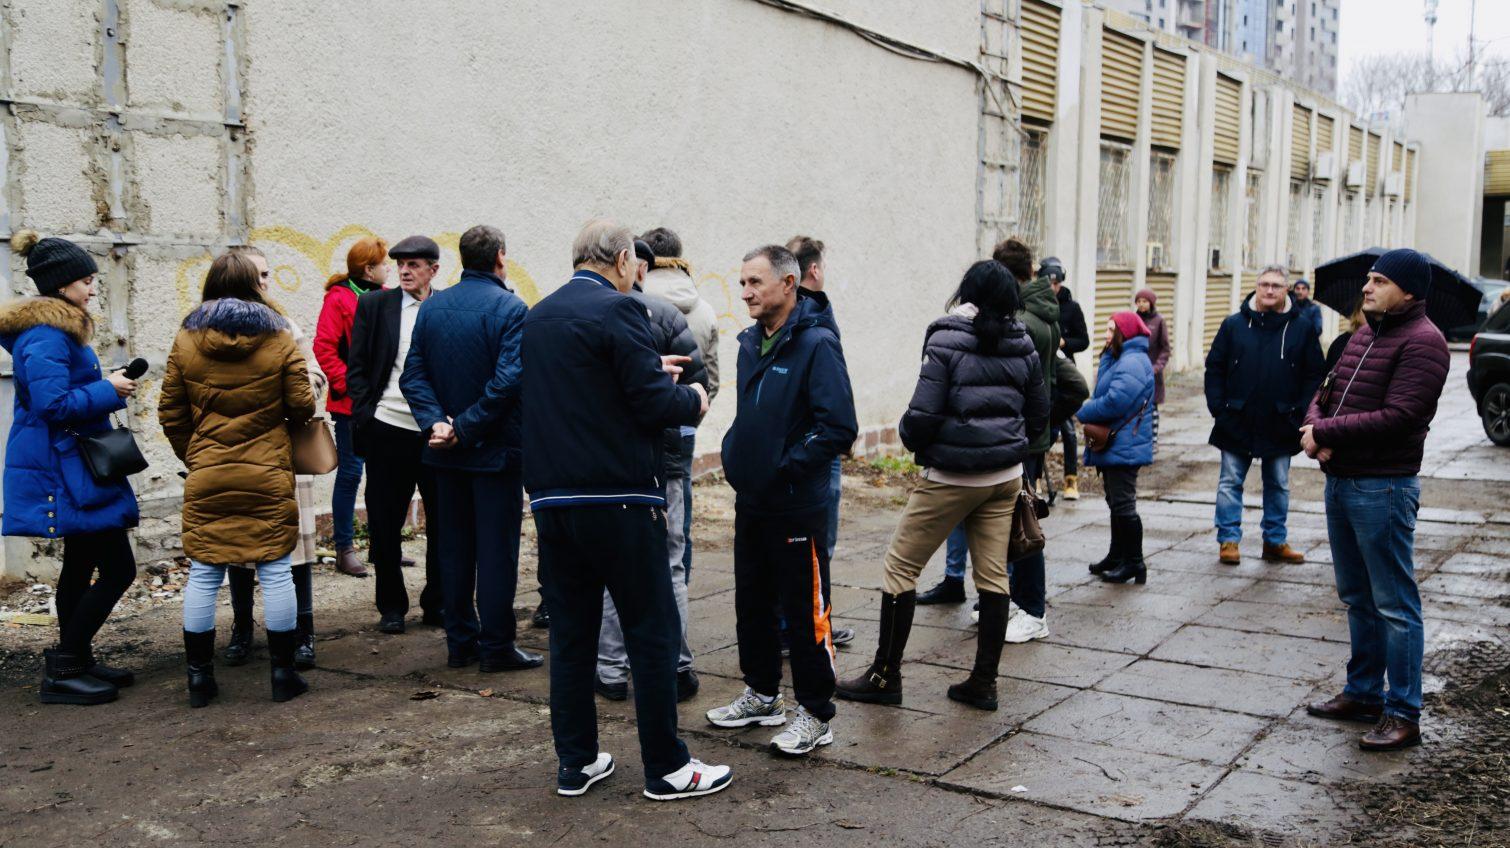 Стройка у «Олимпийца»: недовольные одесситы вышли на митинг против стройки у спортивной арены, опасаясь за ее судьбу (фото) «фото»